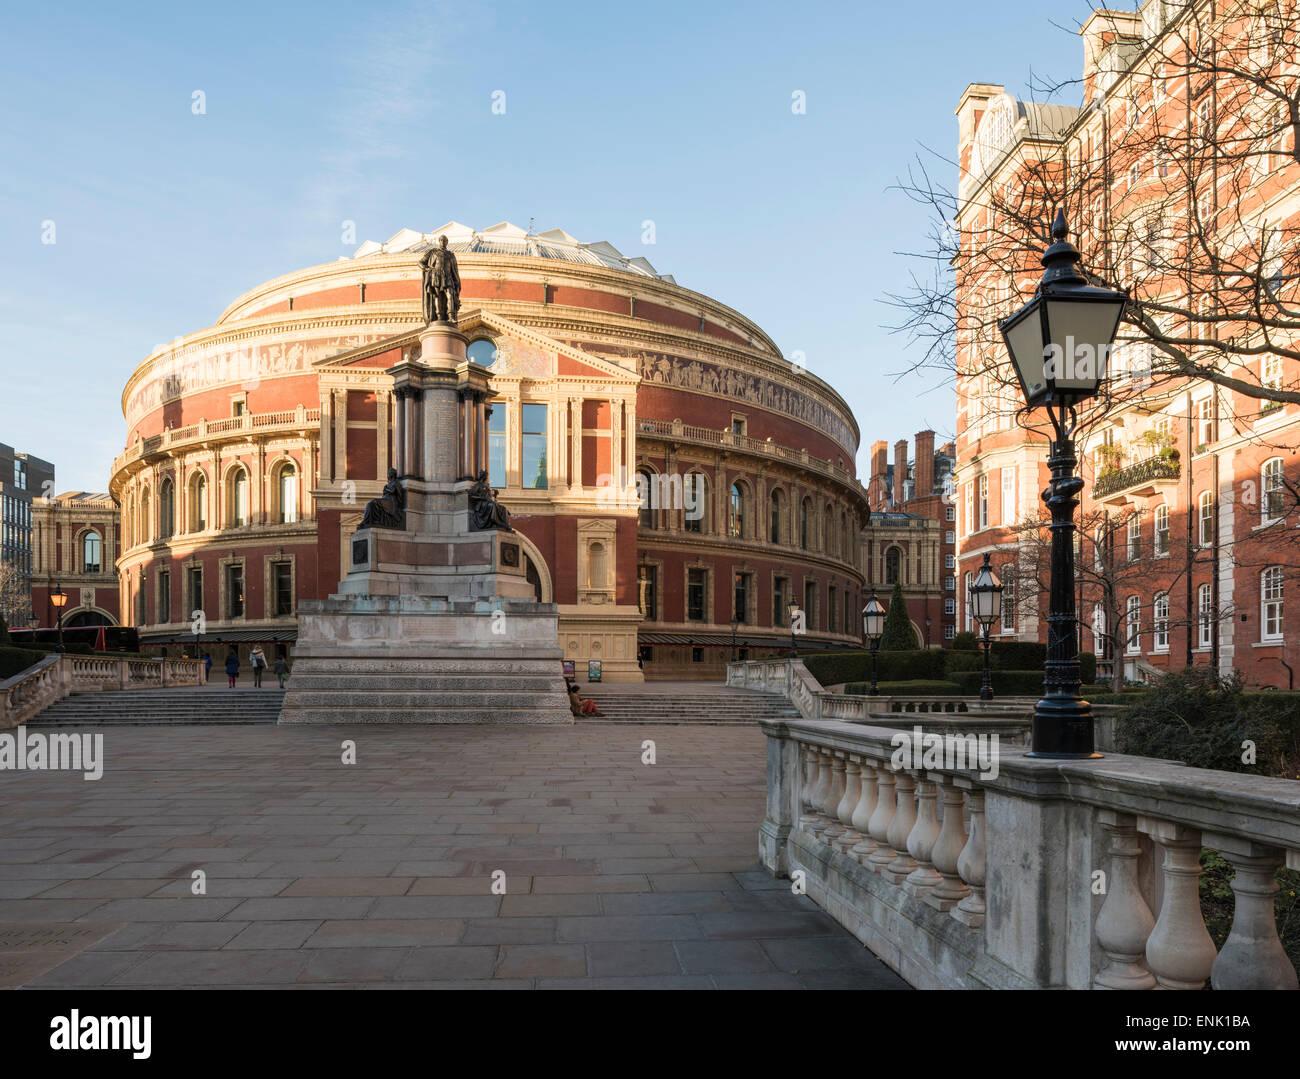 Außenseite der Royal Albert Hall, Kensington, London, England, Vereinigtes Königreich, Europa Stockbild